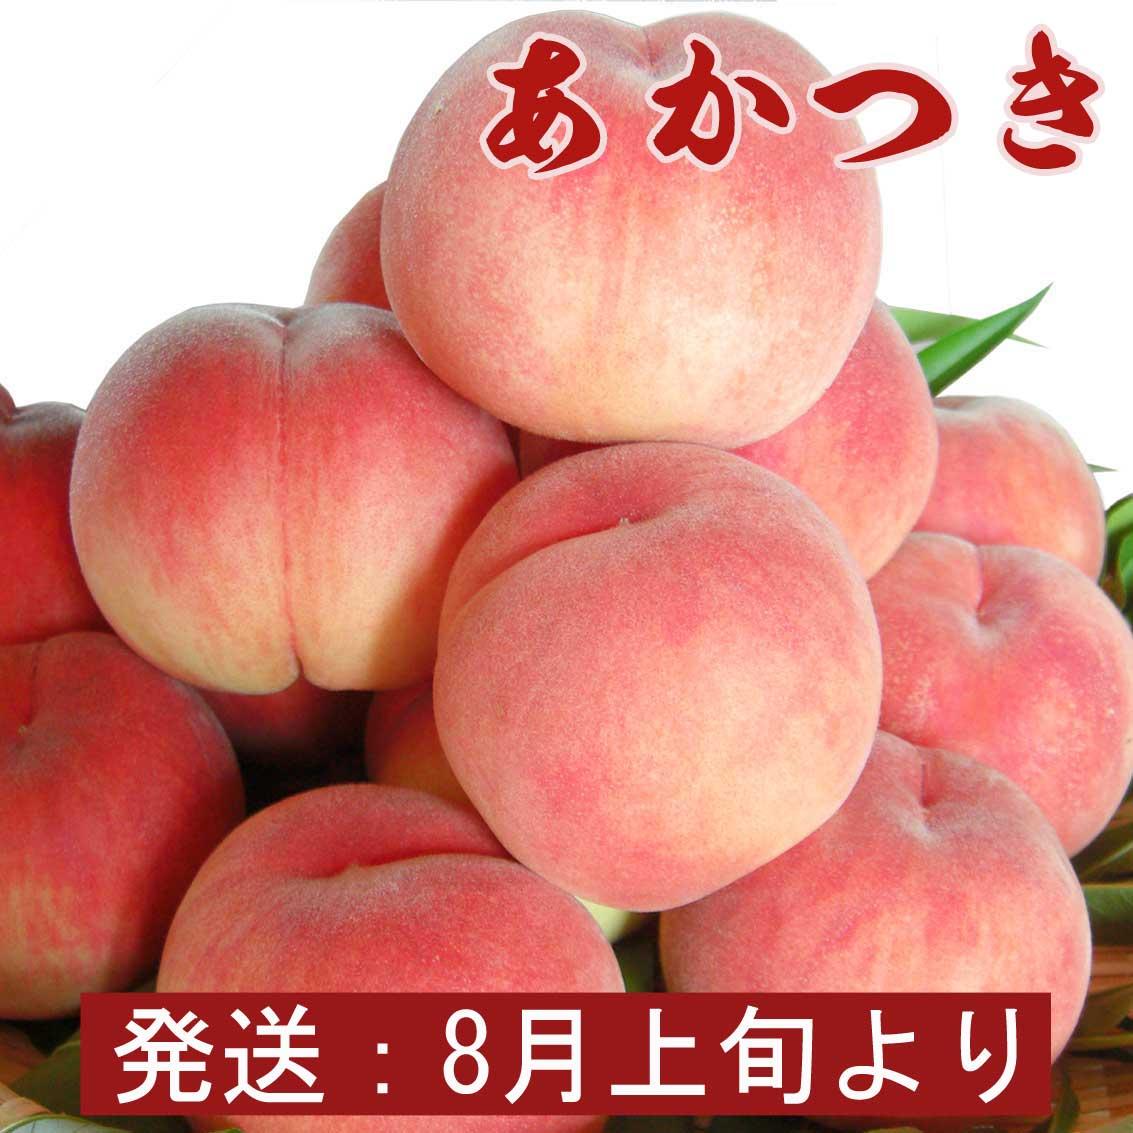 あかつき(白桃)8玉 3kg 【ギフト、お祝い、化粧箱、贈答用】